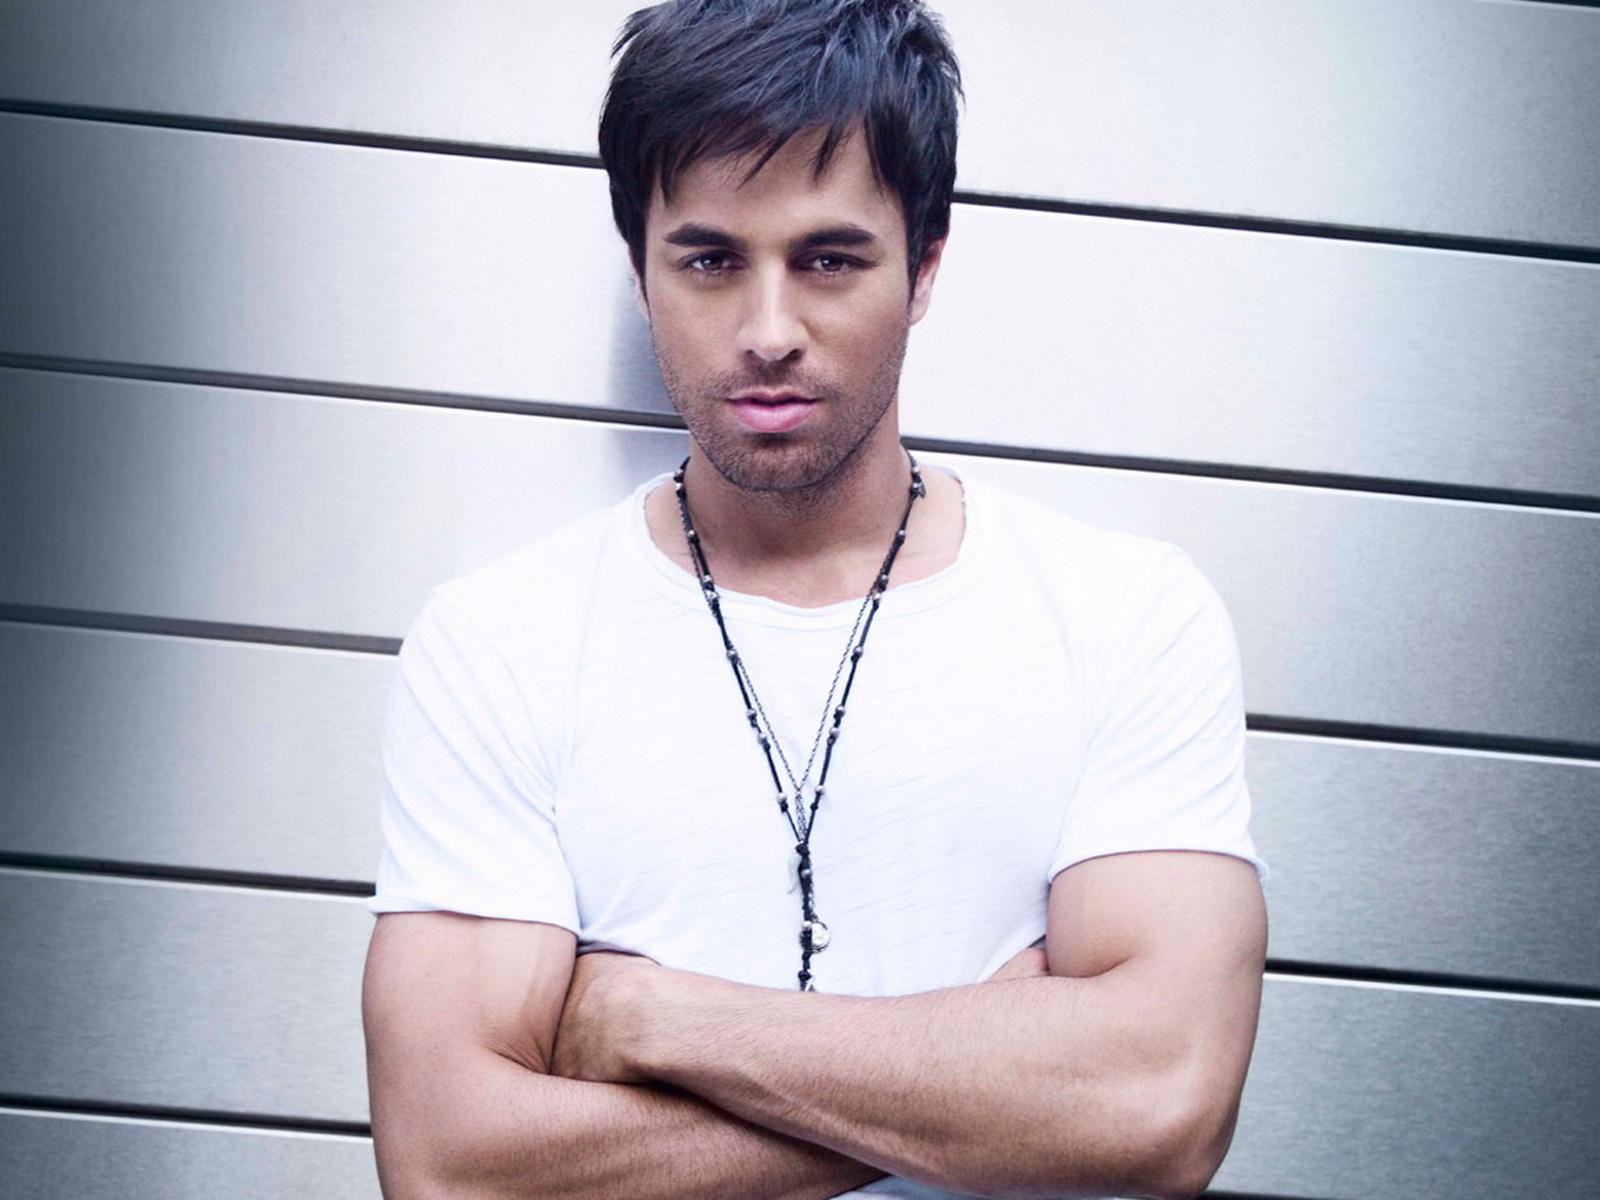 Hairstyle New Enrique Iglesias Hairstyles